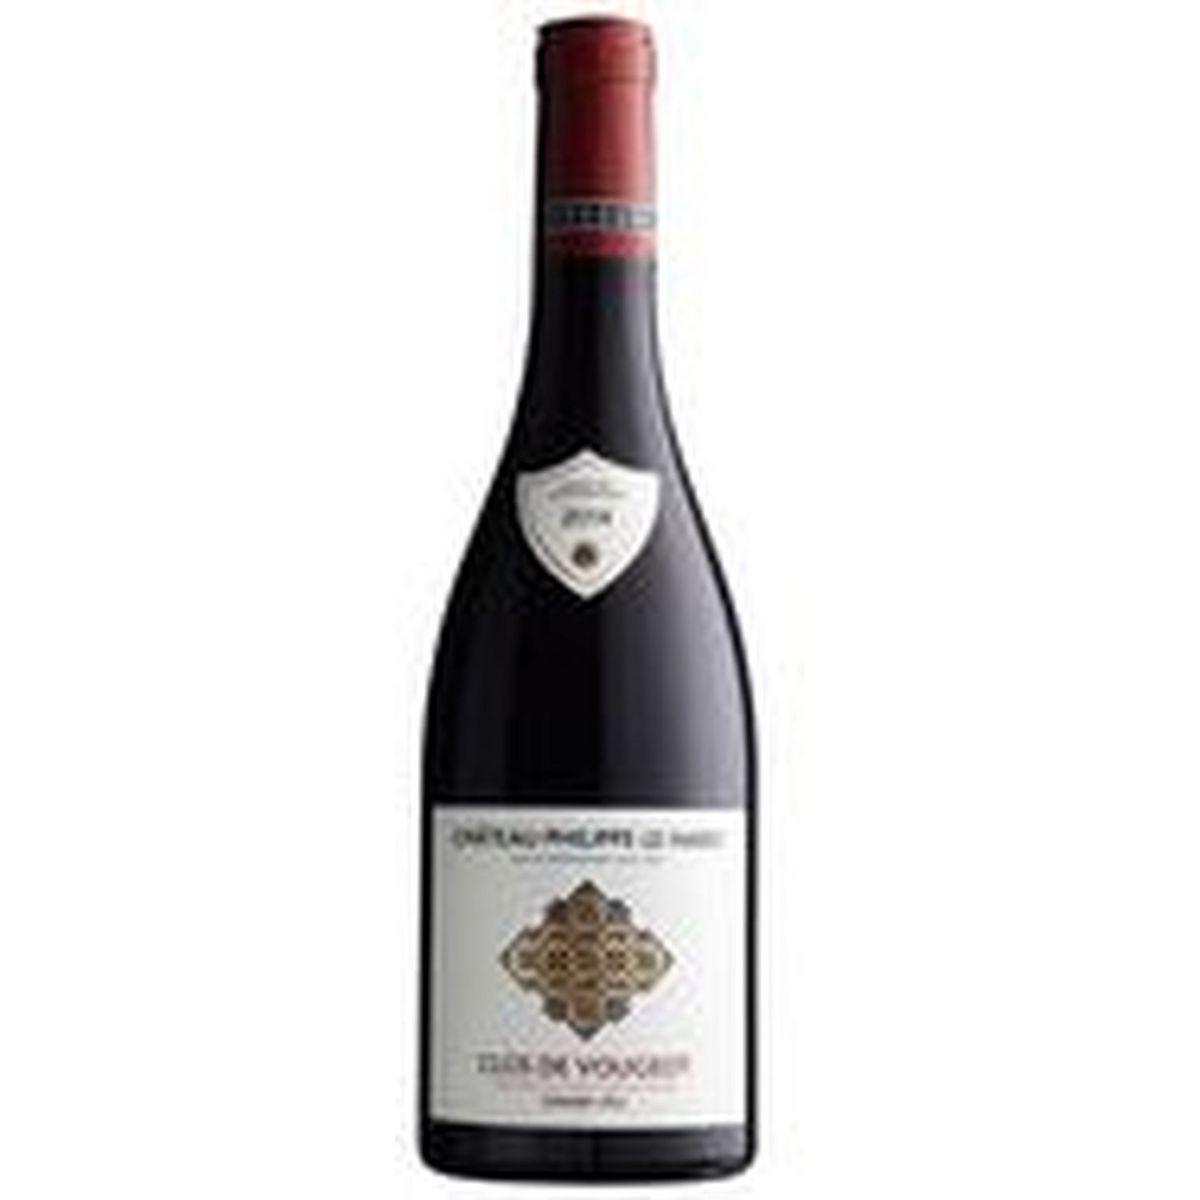 AOP Beaune Clos de Vougeot G. Cru Château Philippe Le Hardi rouge 2014